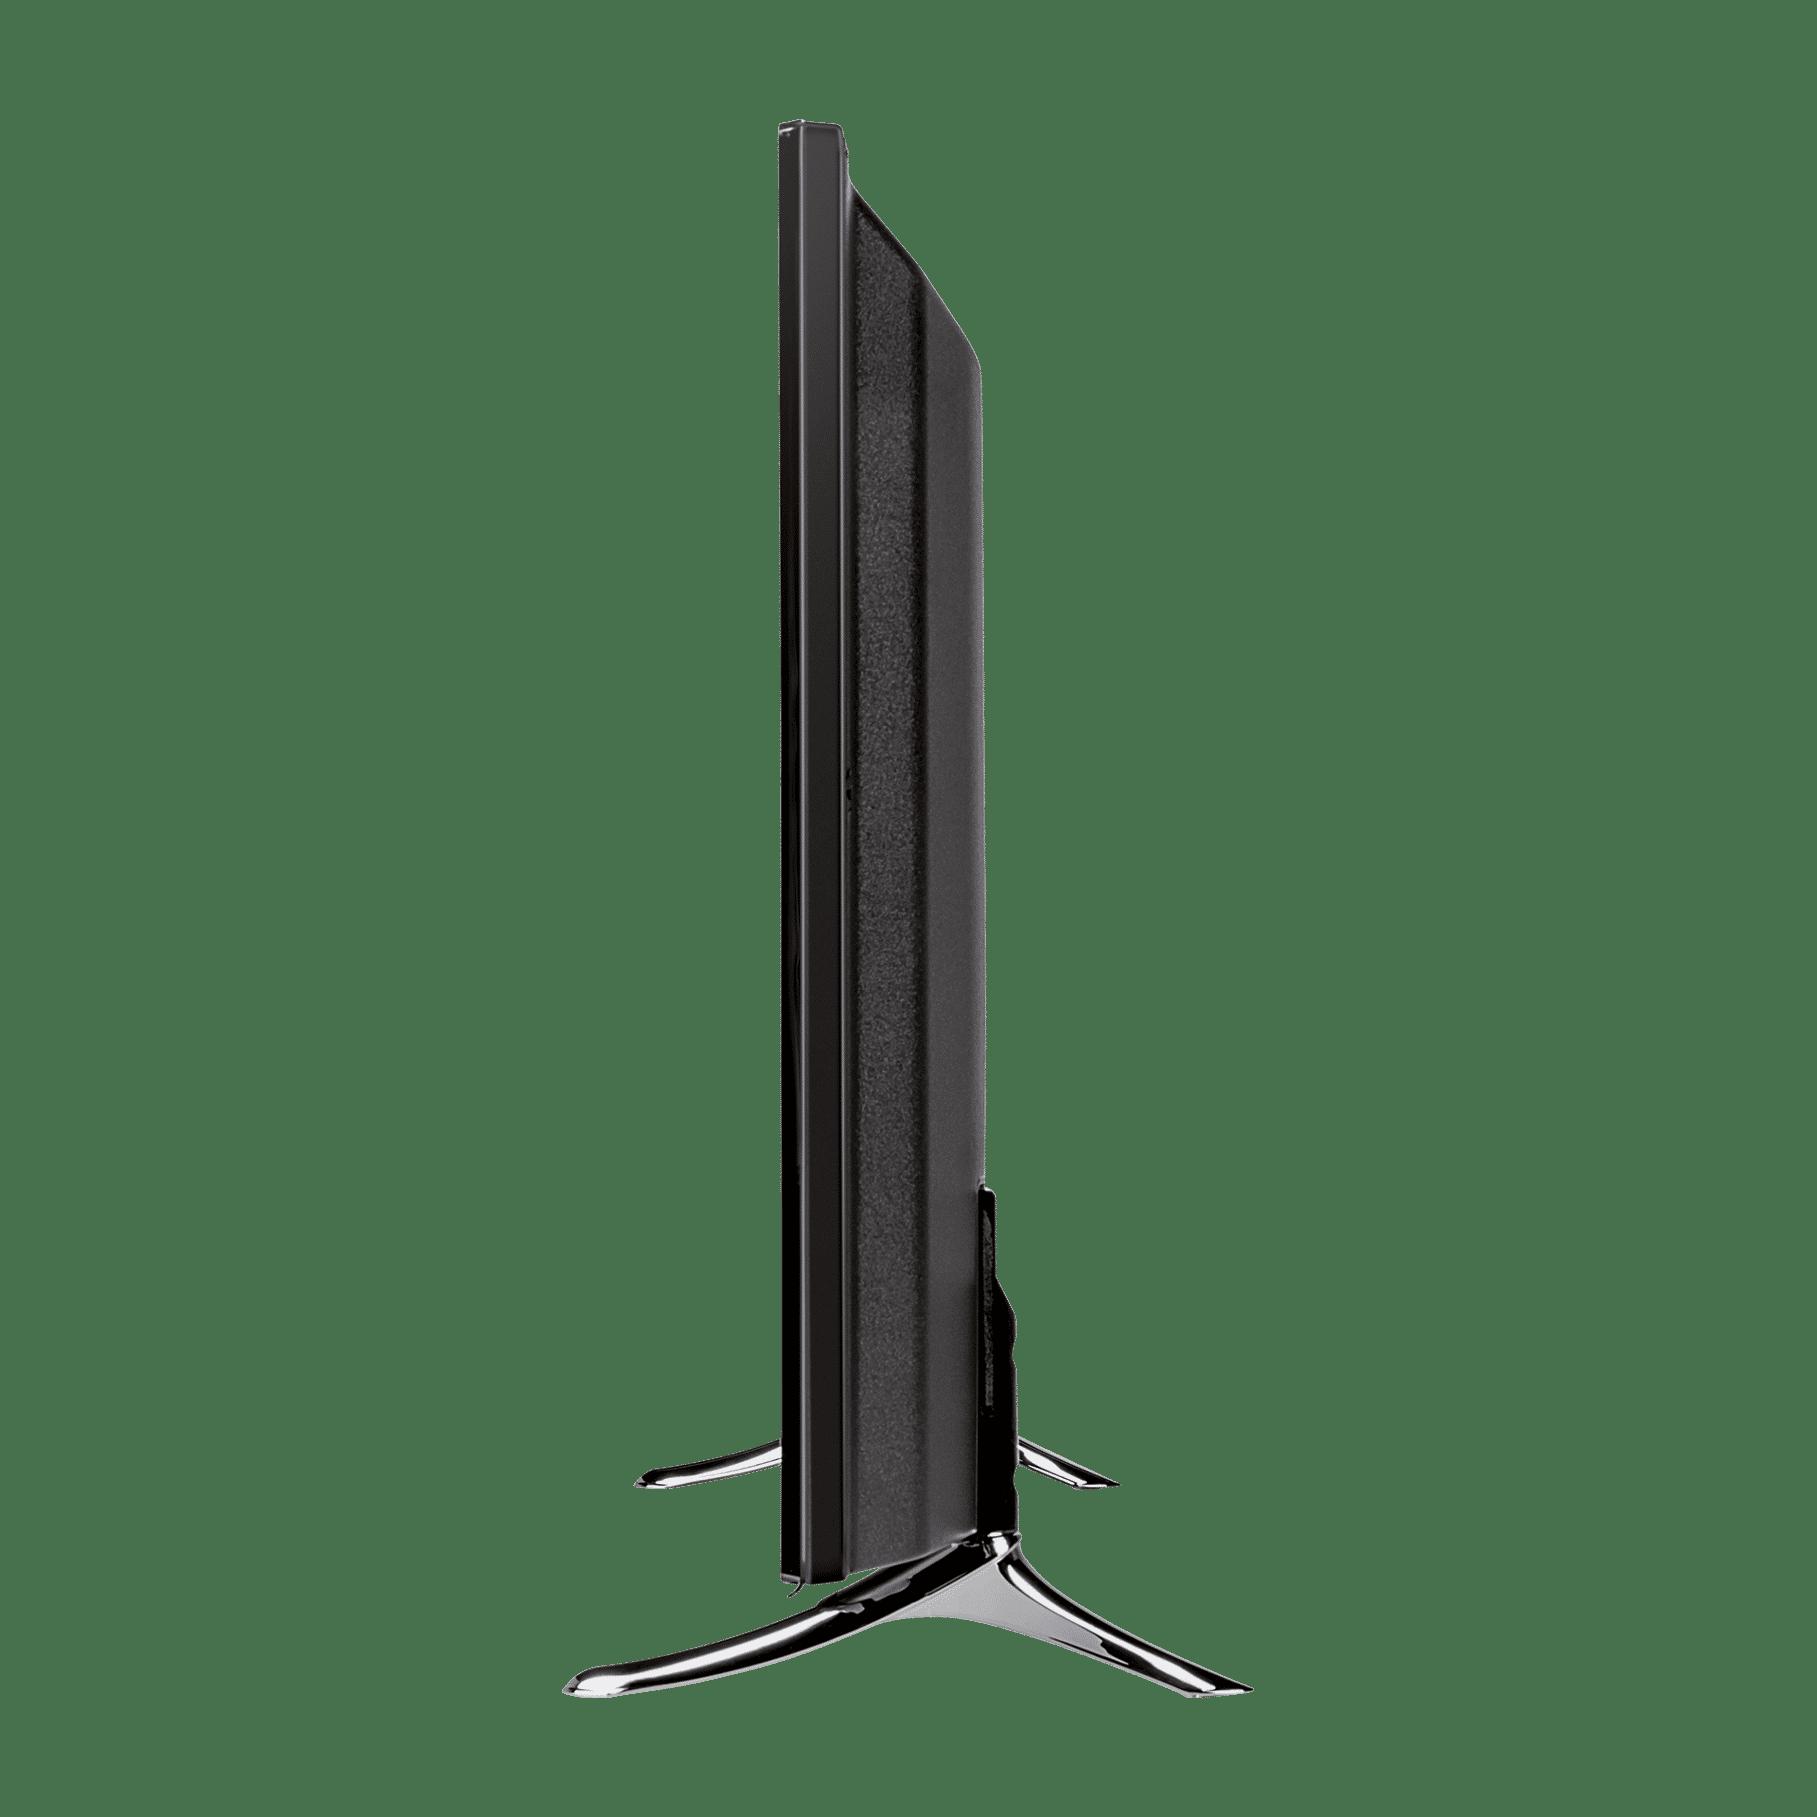 4K-TV von Aldi: Schnäppchen mit Tücken | heise online